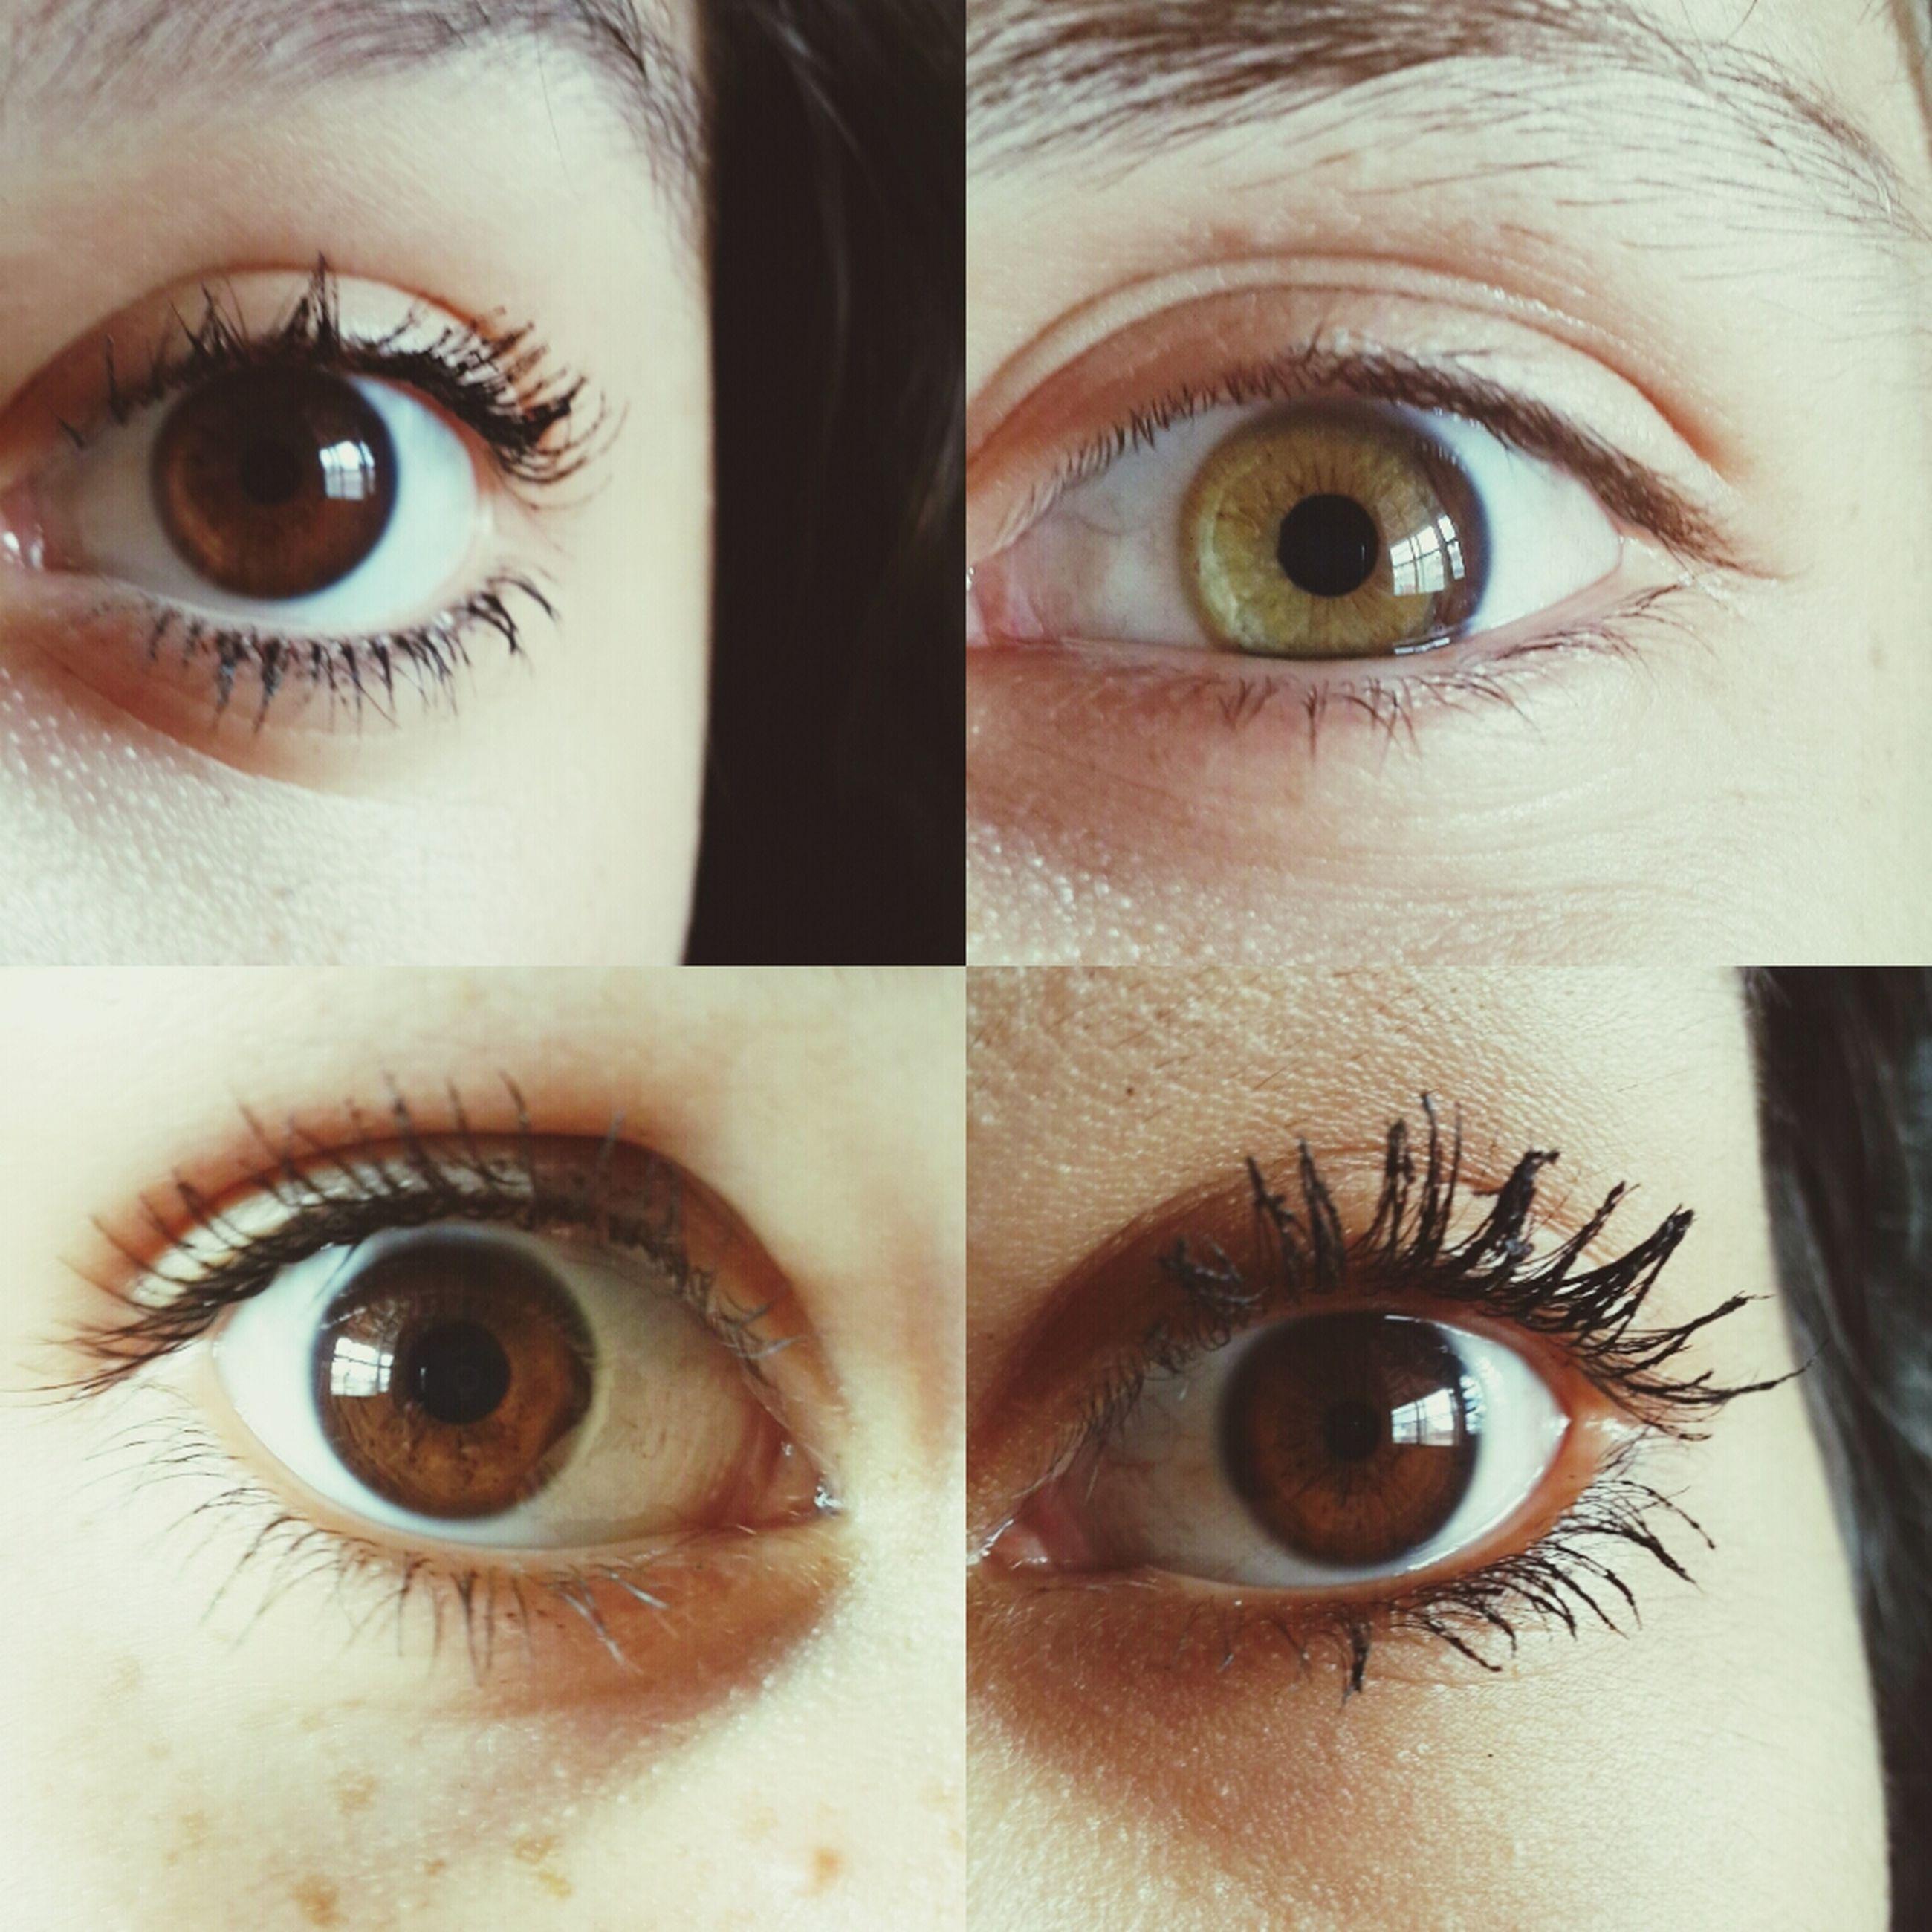 indoors, human eye, full frame, close-up, eyelash, eyesight, backgrounds, extreme close-up, looking at camera, portrait, detail, part of, sensory perception, iris - eye, extreme close up, macro, one person, eye, eyeball